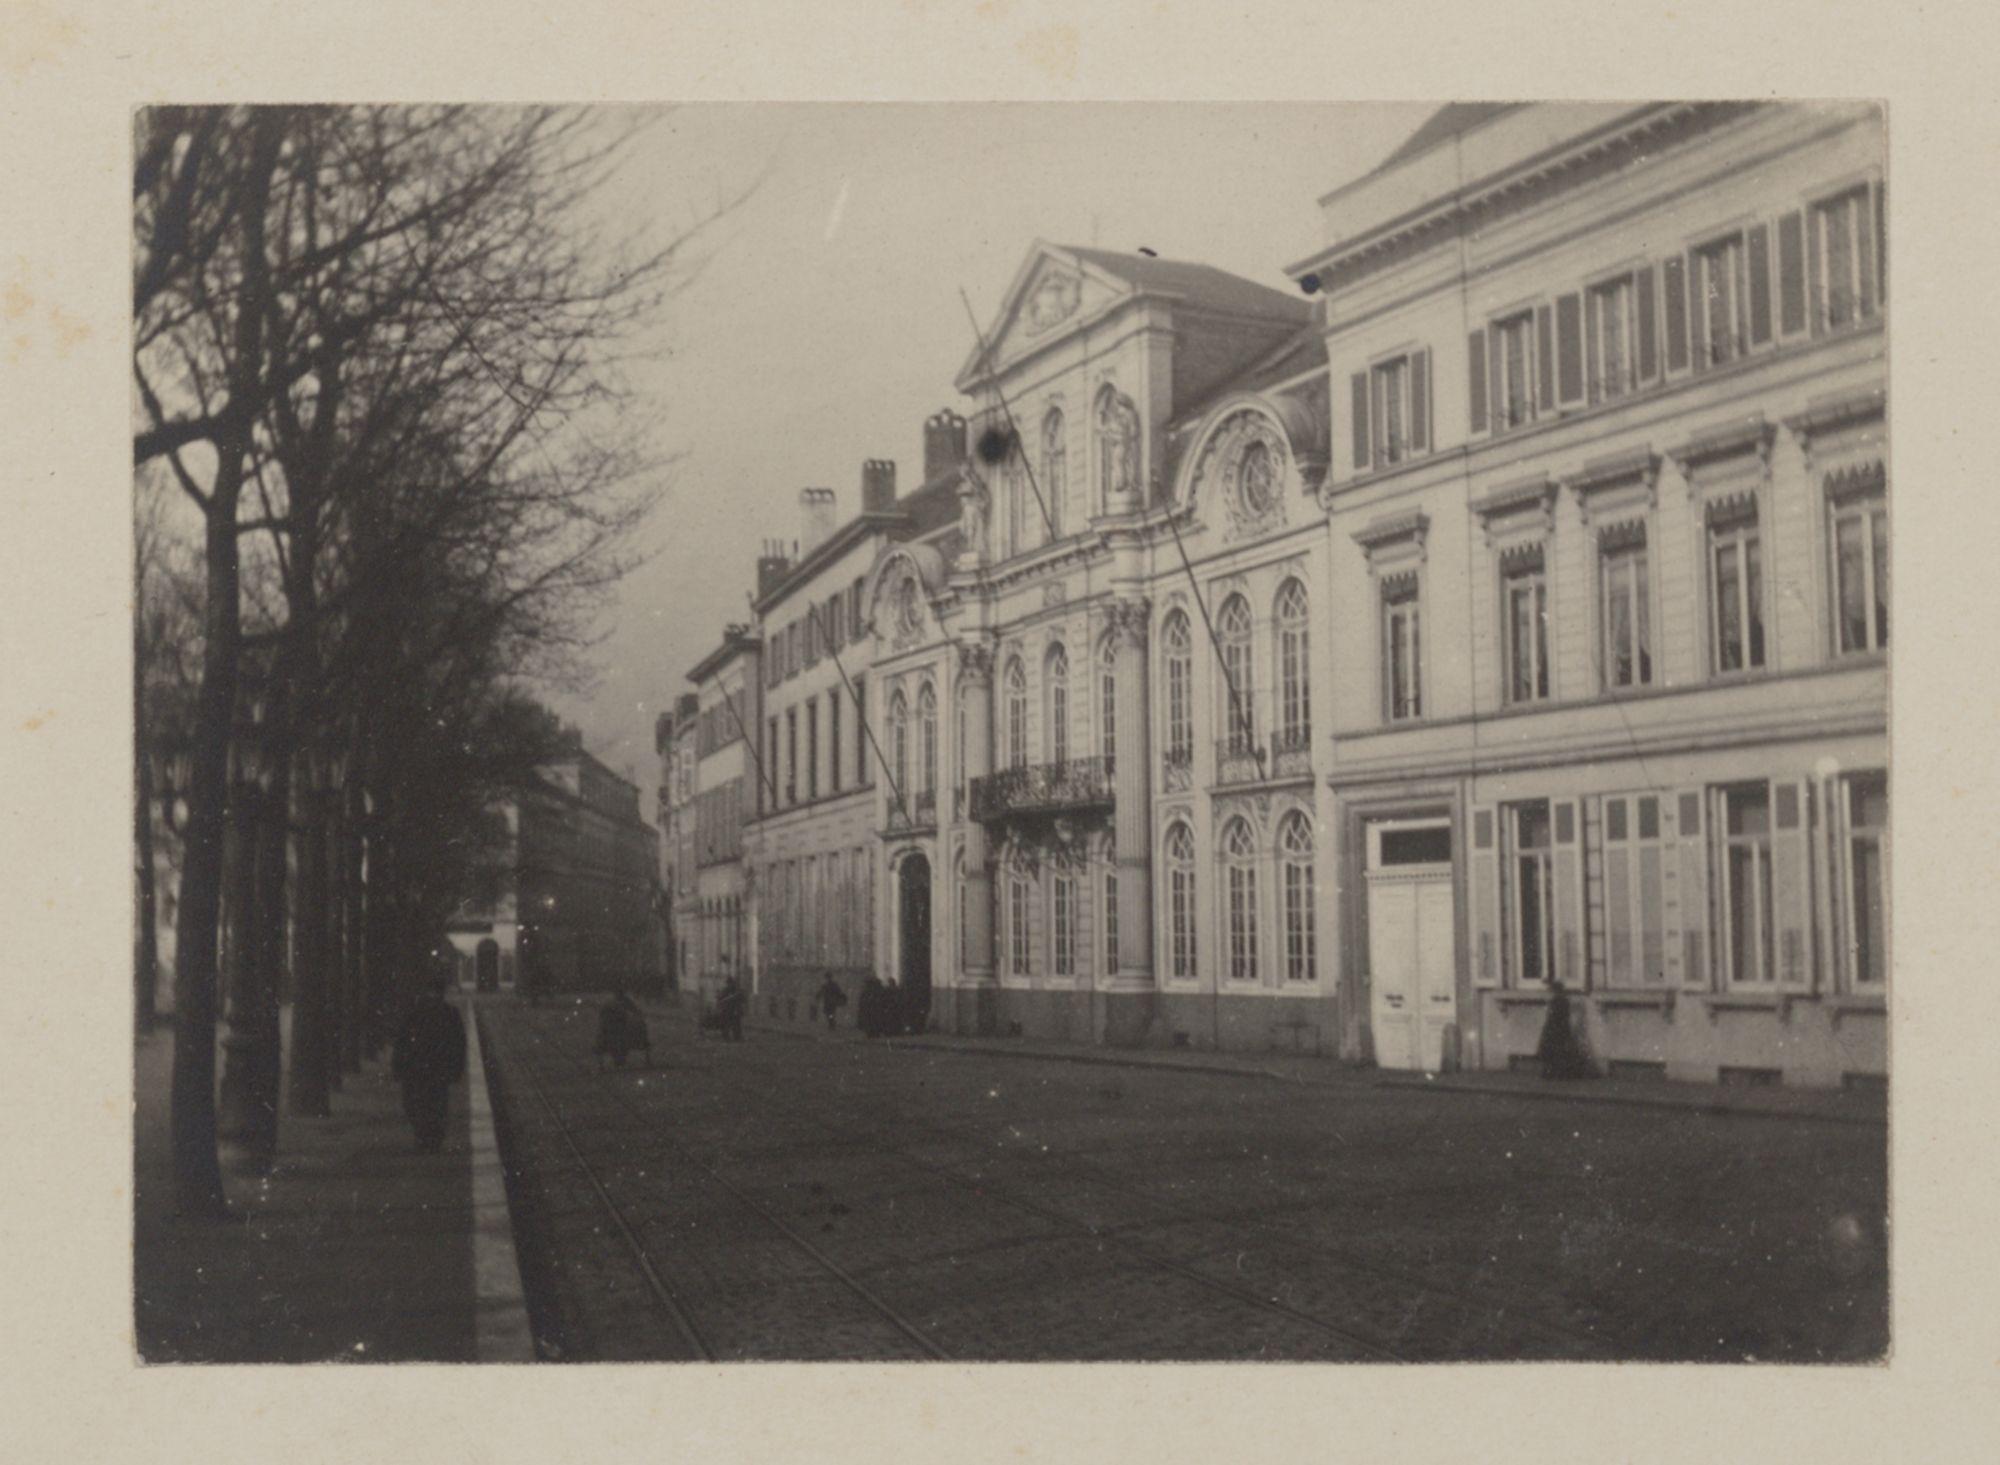 Gent: Hotel Falligan, Kouter 28